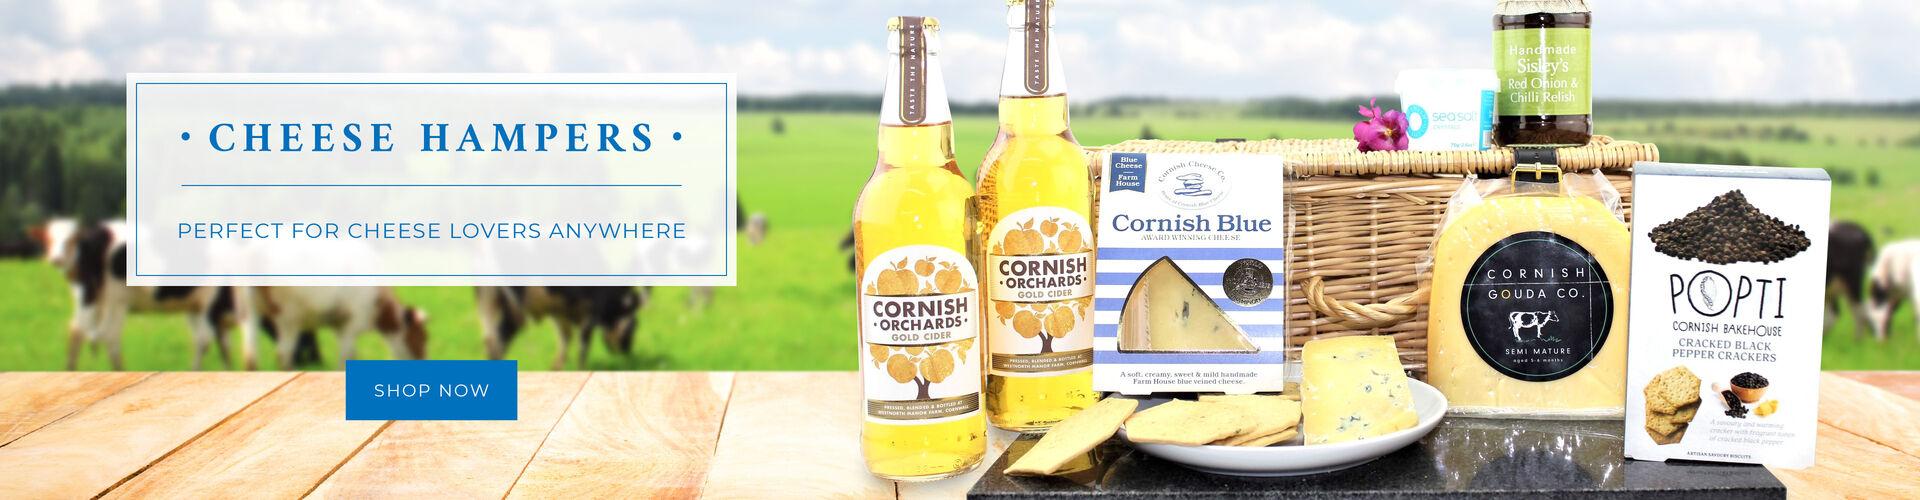 Cornish Cheese Hampers